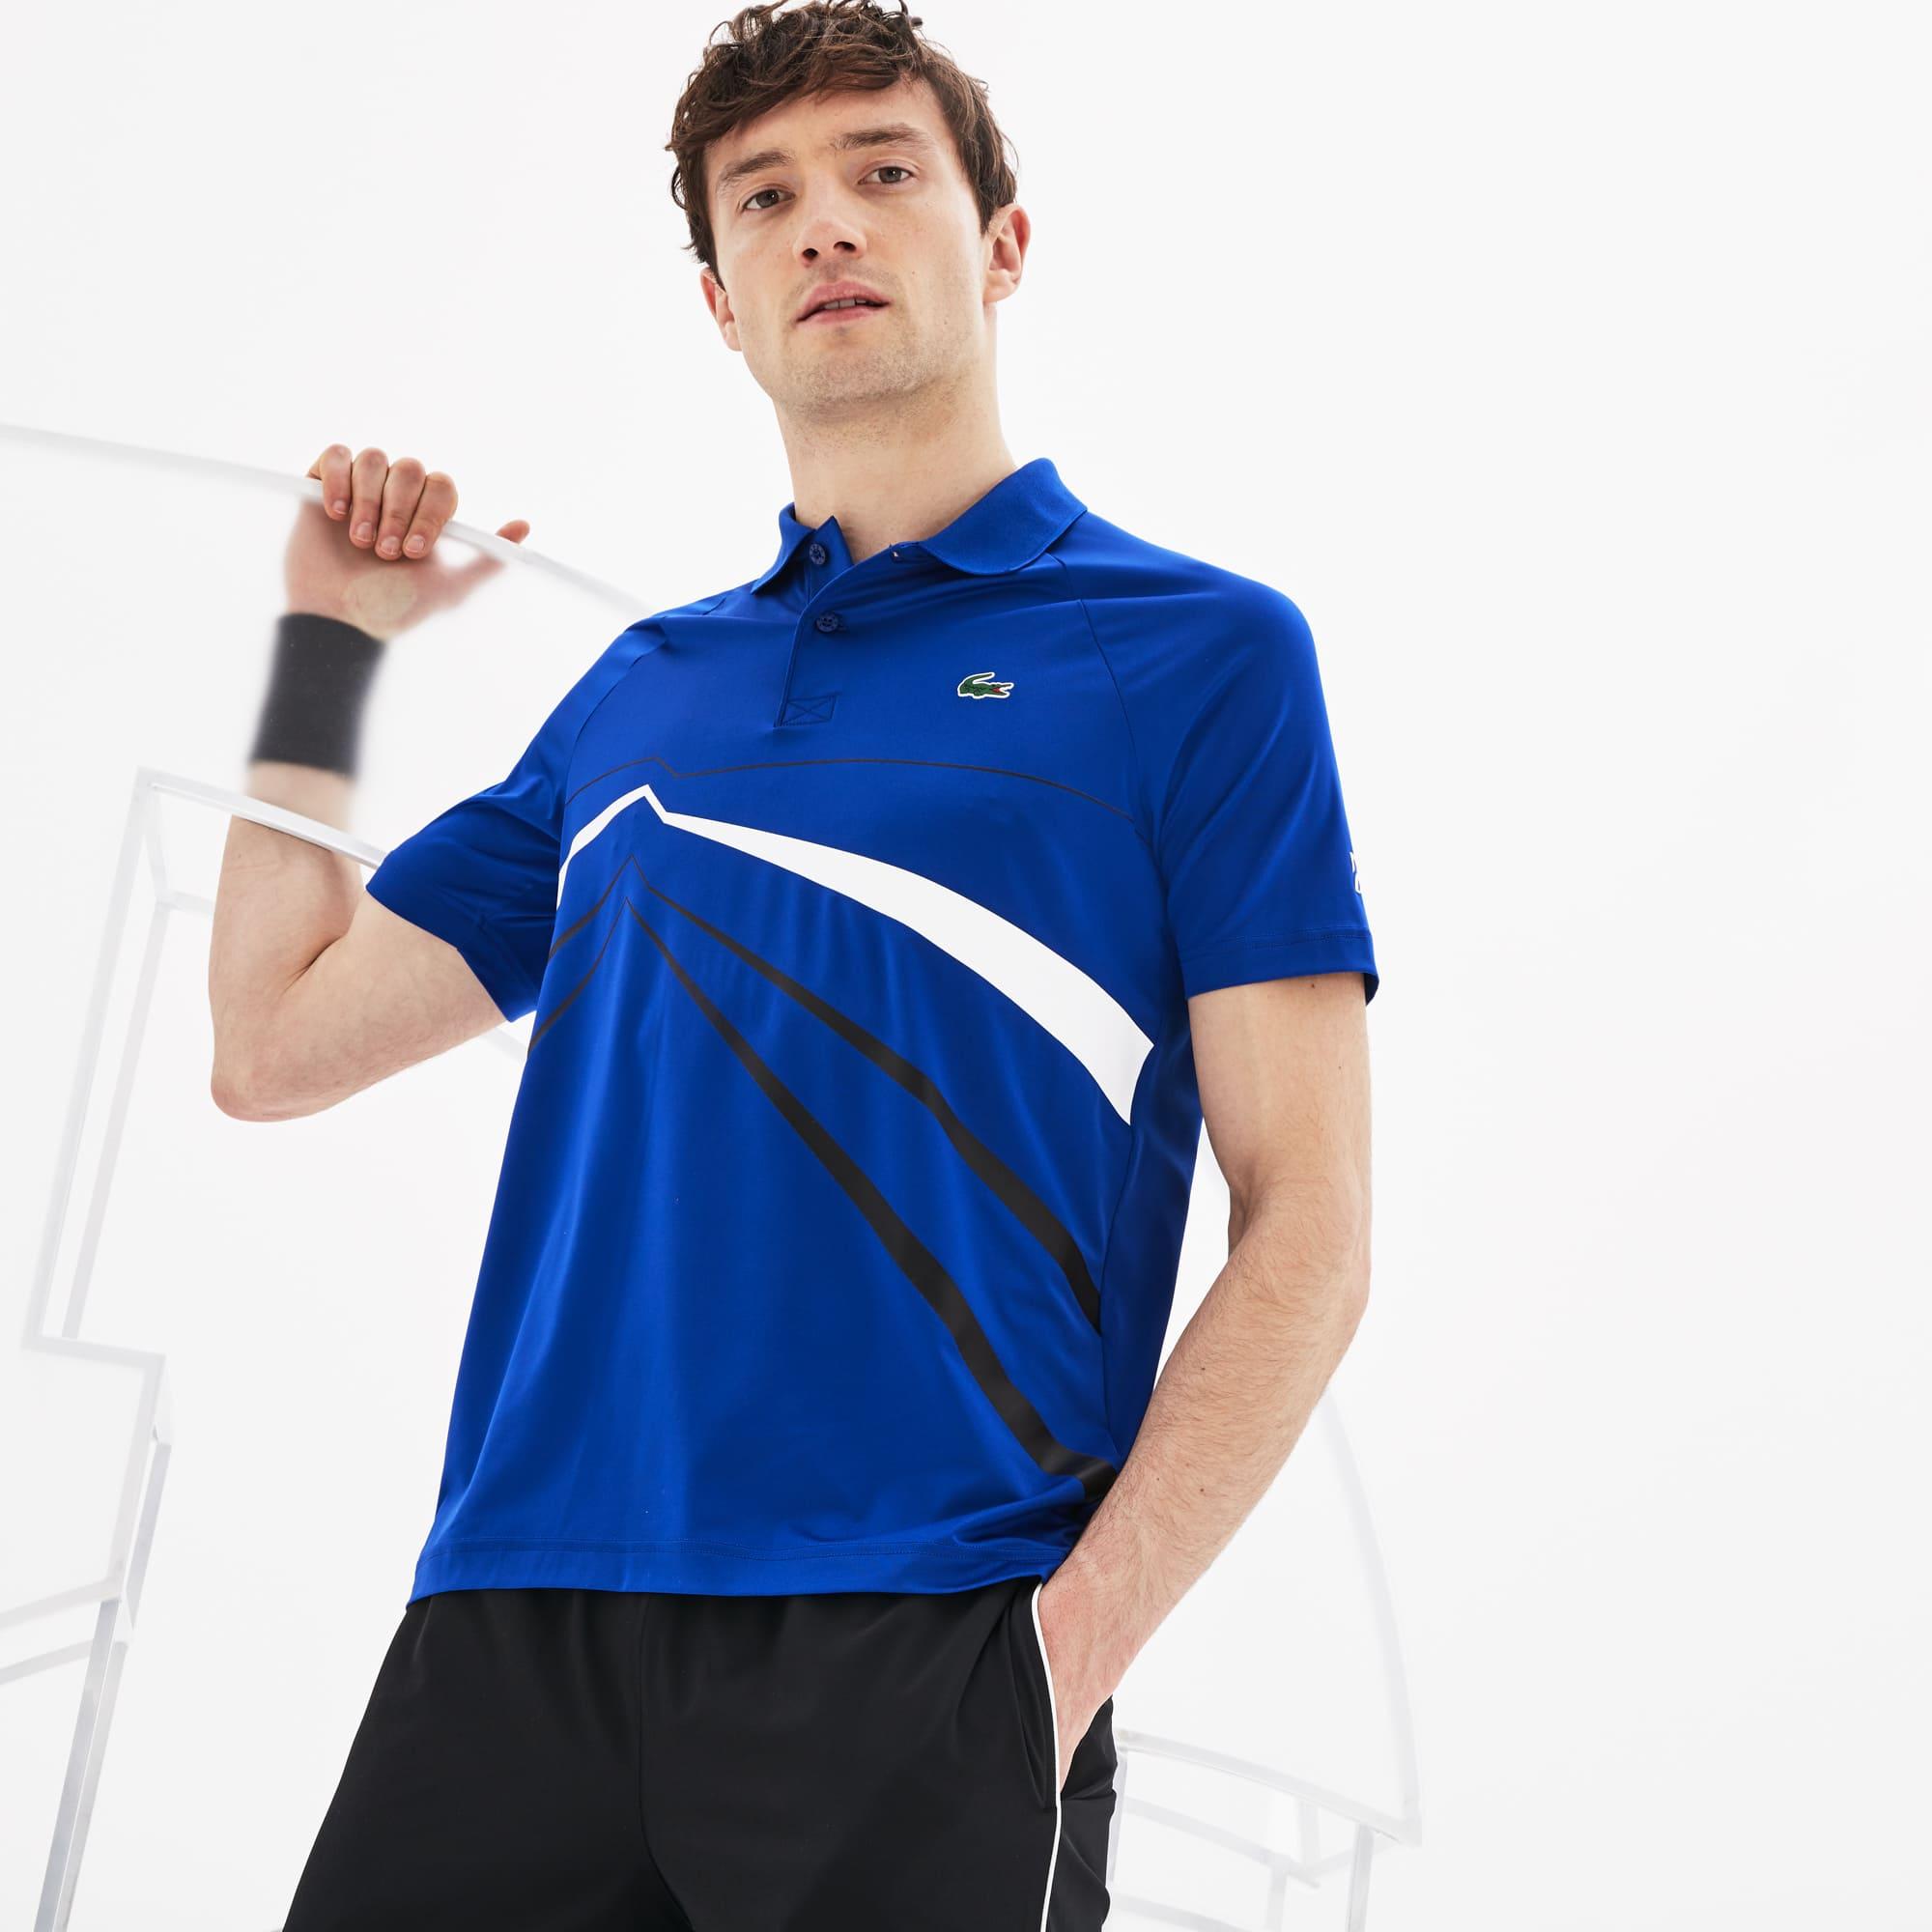 1da057fdd8 Polo Lacoste SPORT x Novak Djokovic stretch à imprimé graphique ...